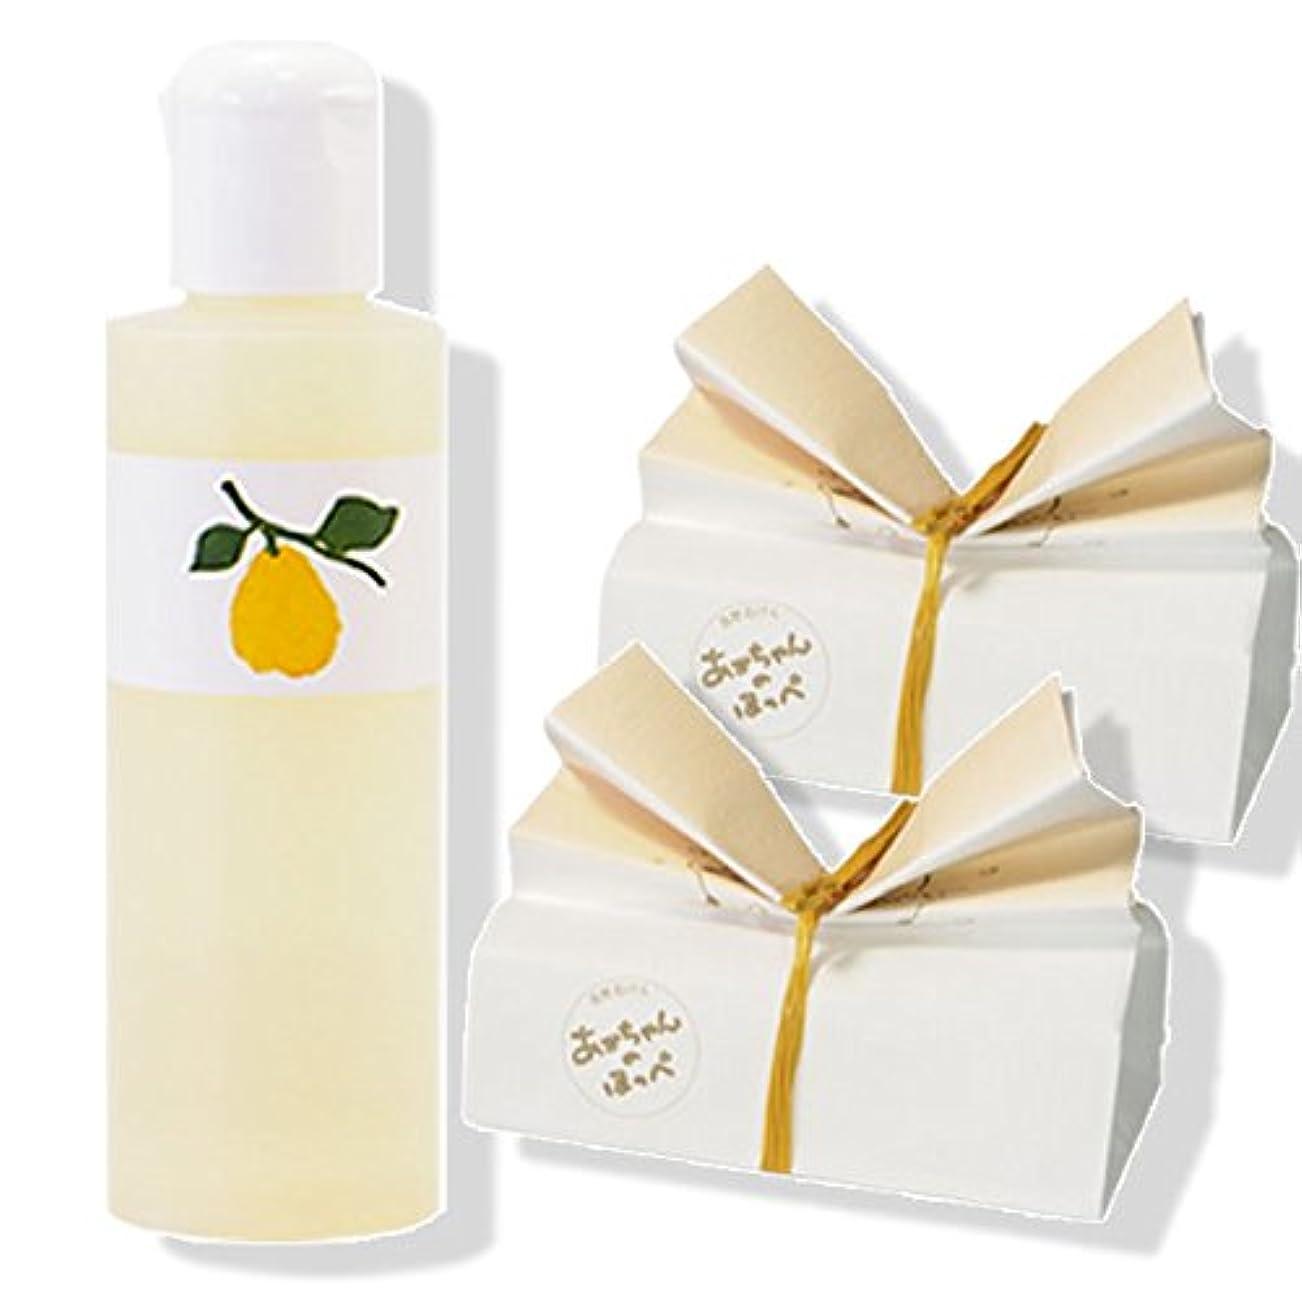 降雨ピグマリオン奇妙な「花梨の化粧水」1本 & 「あかちゃんのほっぺ」石鹸 2個セット